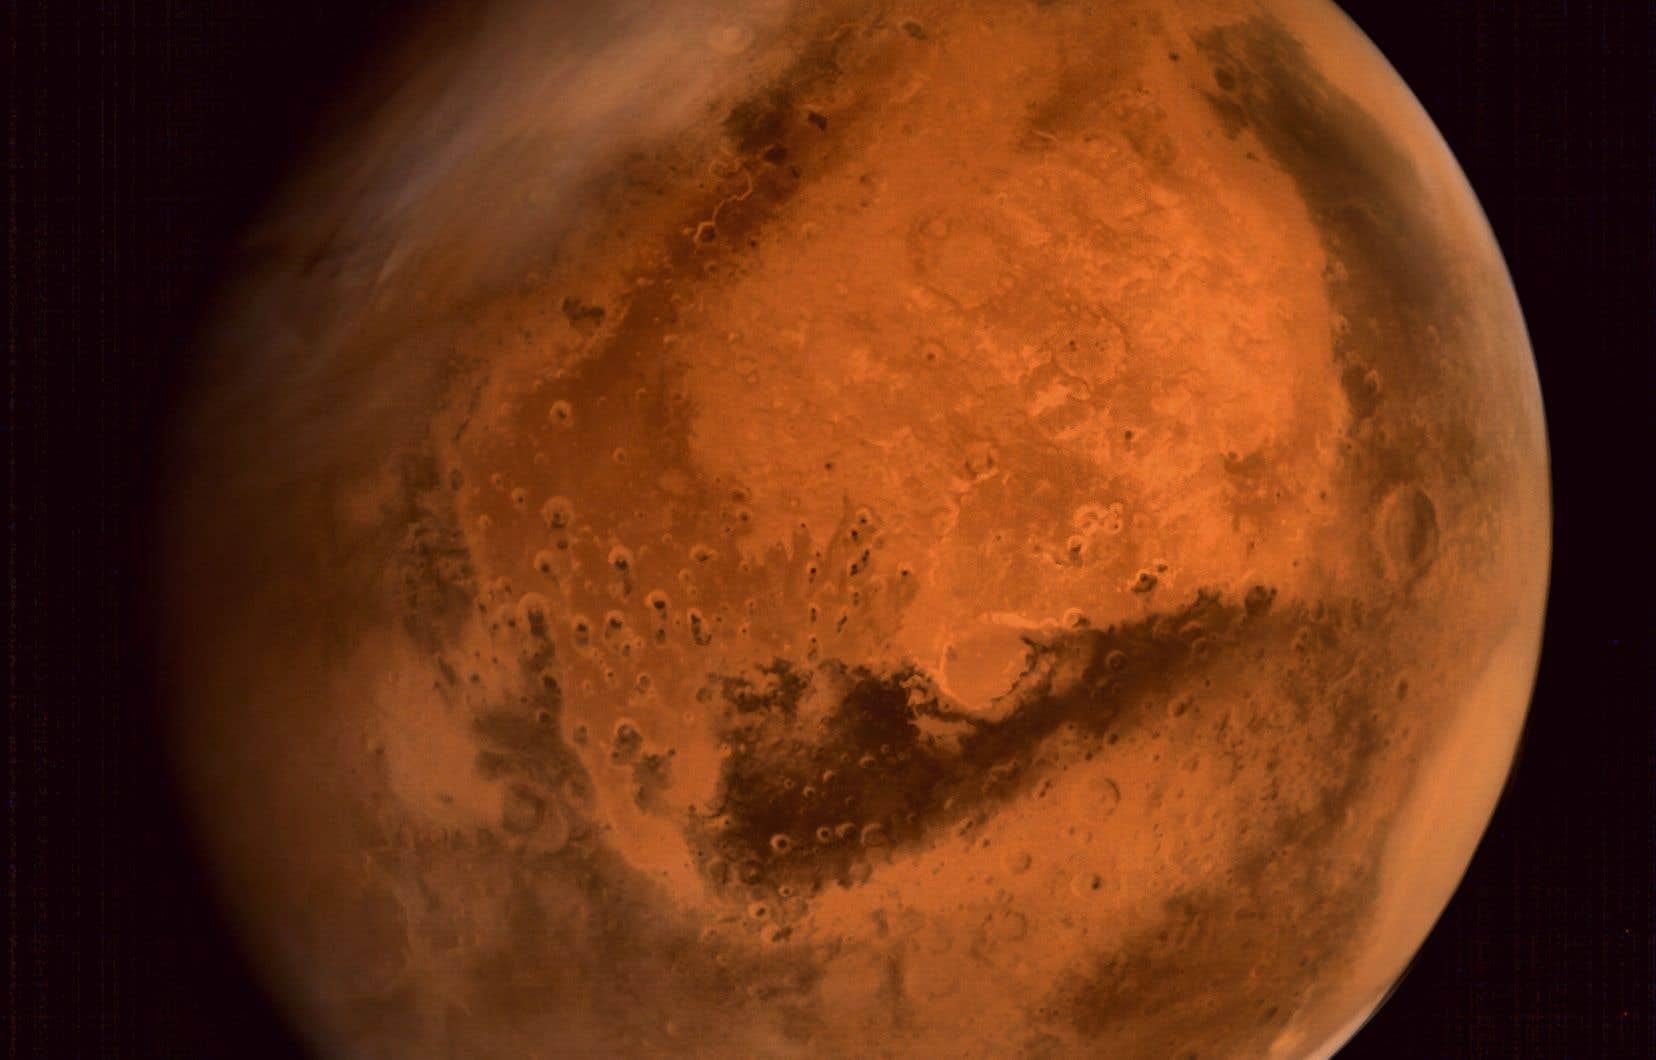 Une image de la planète Mars prise par le vaisseau spatial ISRO Mars Orbiter Mission (MOM) en 2014